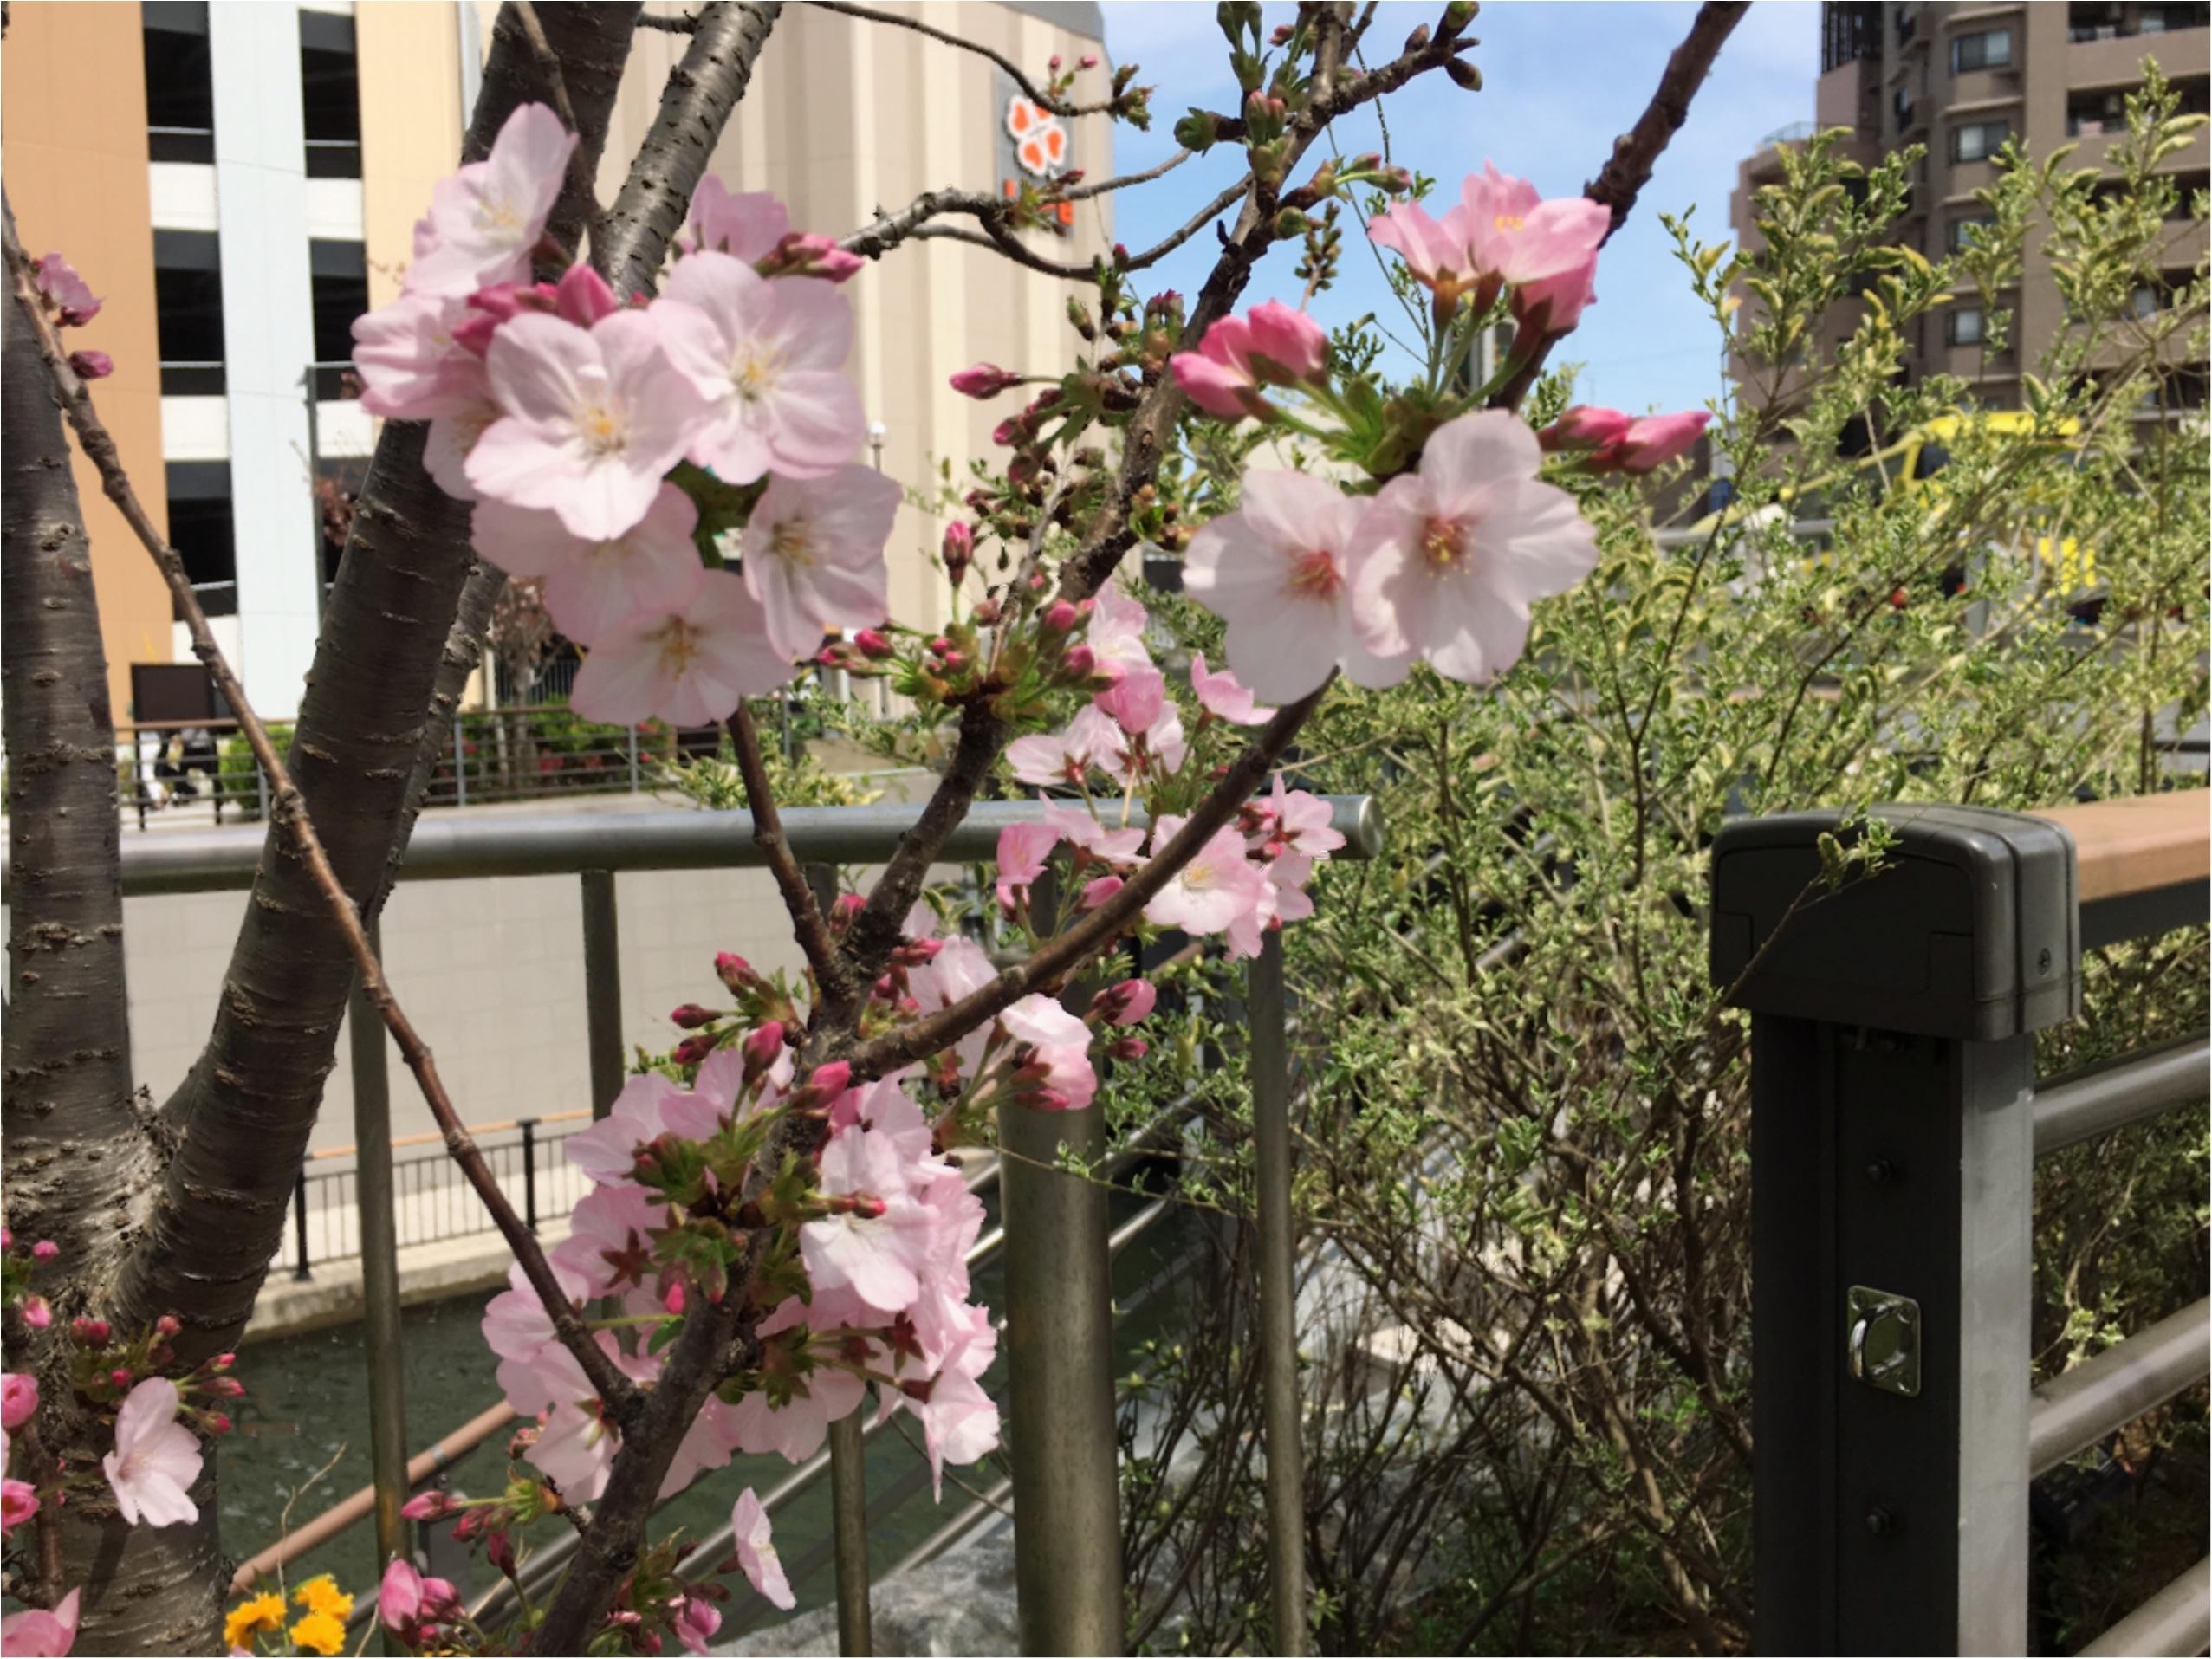 錦糸町〜スカイツリー★みそさんぽ-乗り遅れたお花見できちゃいました!_4